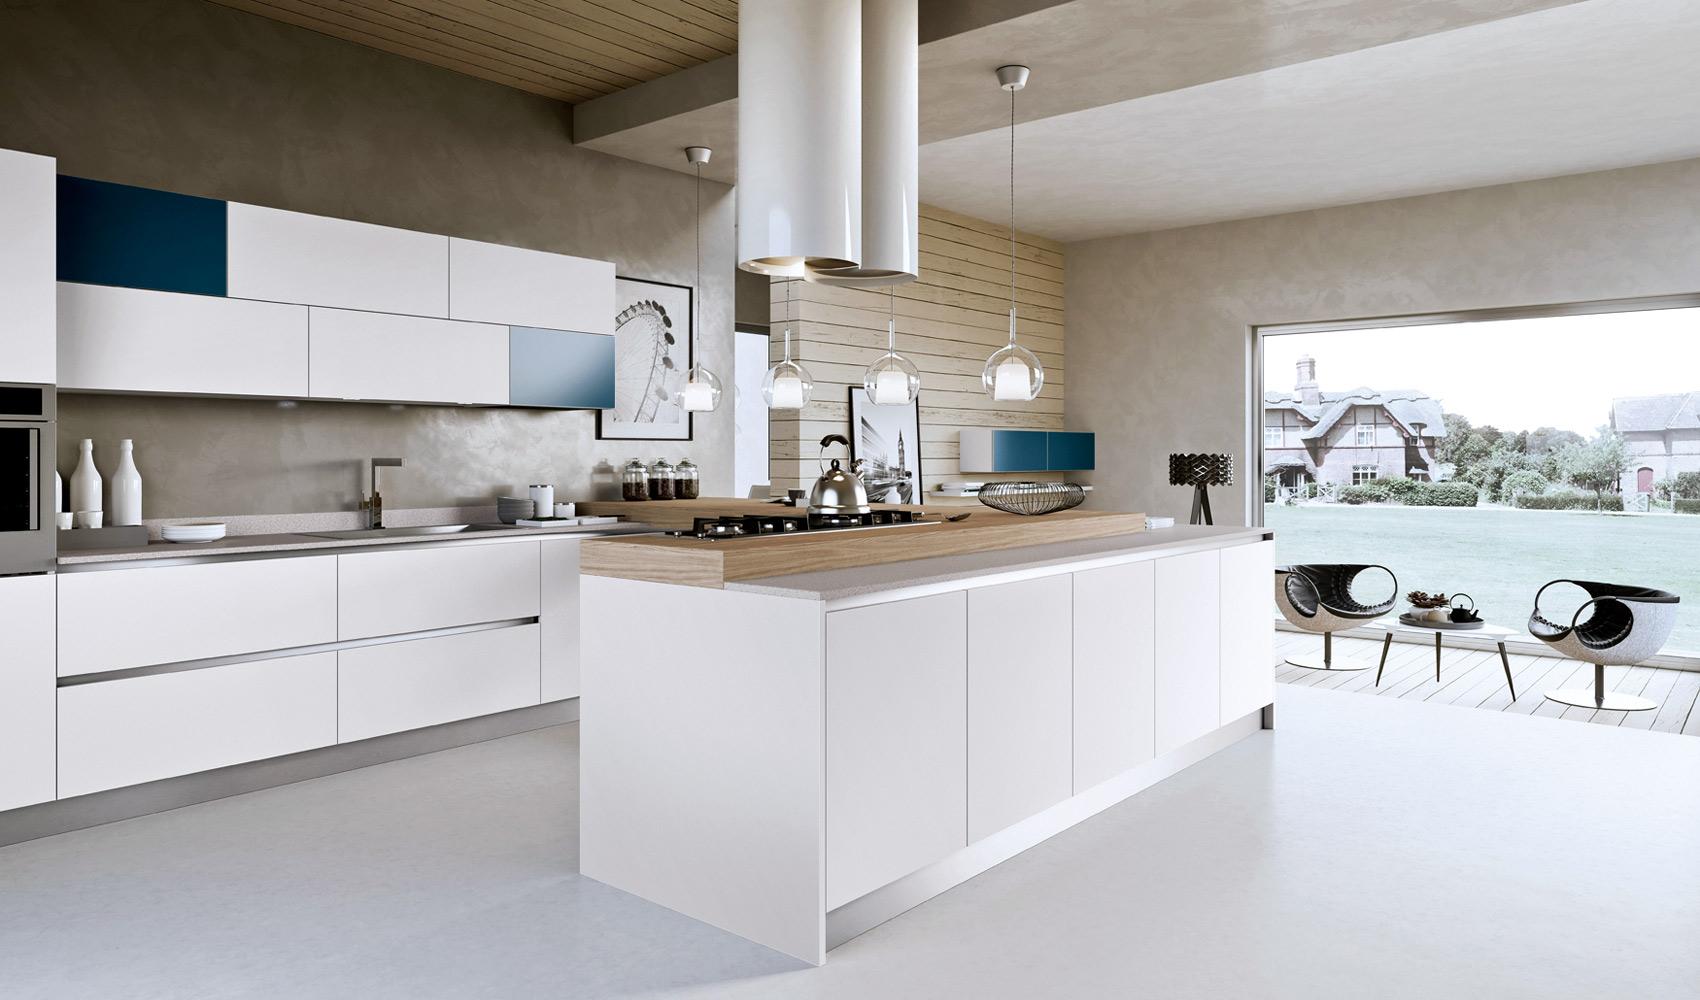 Дизайн белого гарнитура с синими вставками Arredo3